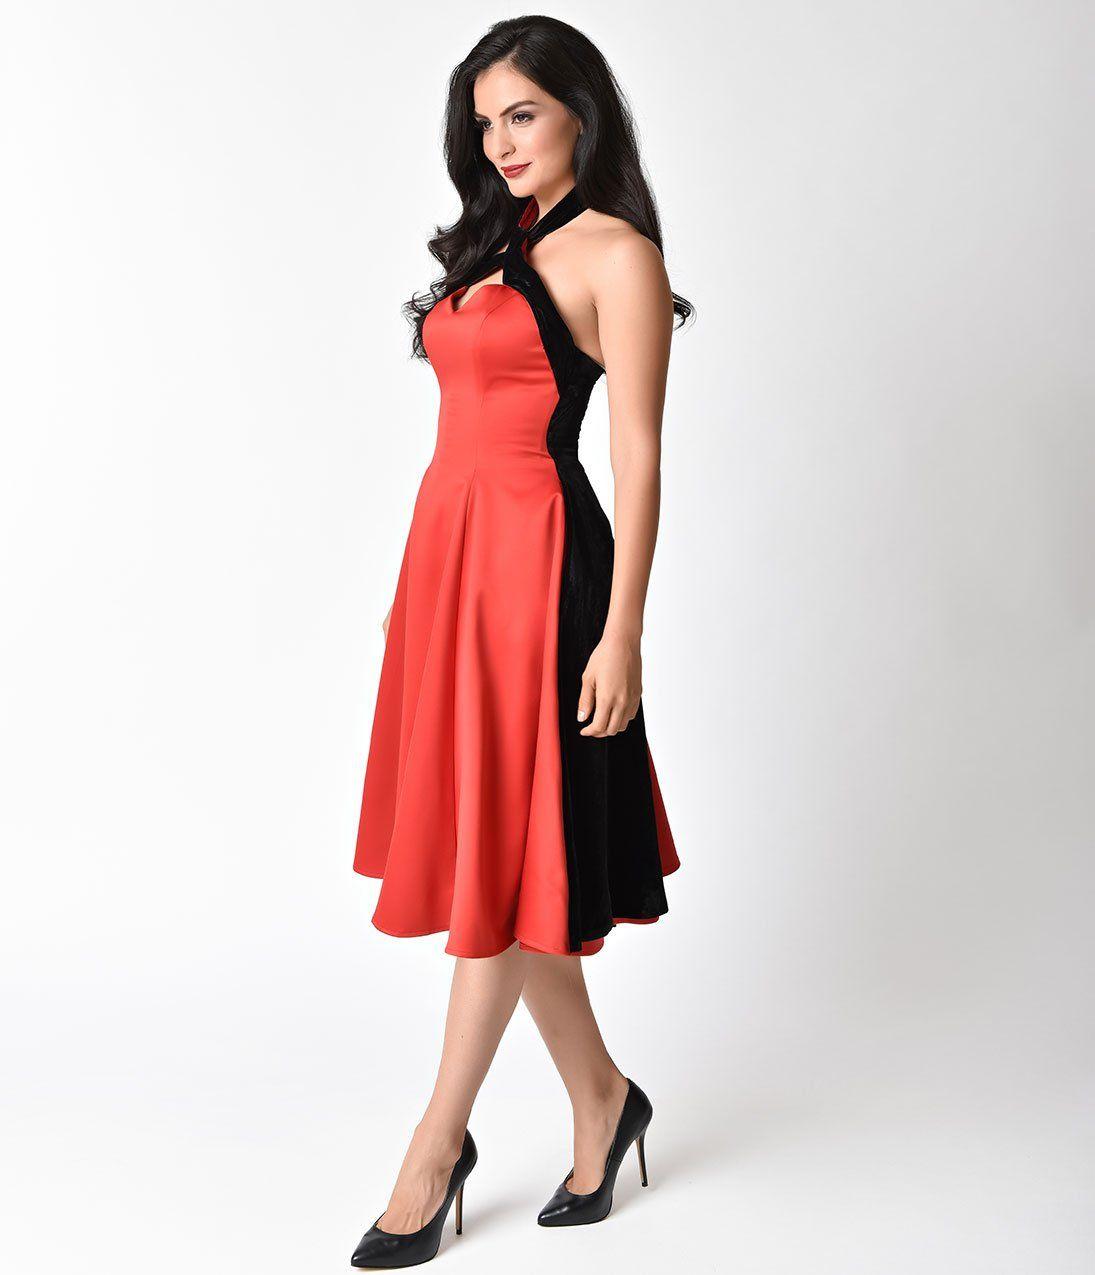 71e7caf4e3b Janie Bryant For Unique Vintage Red   Black Sateen Velvet Halter Madis